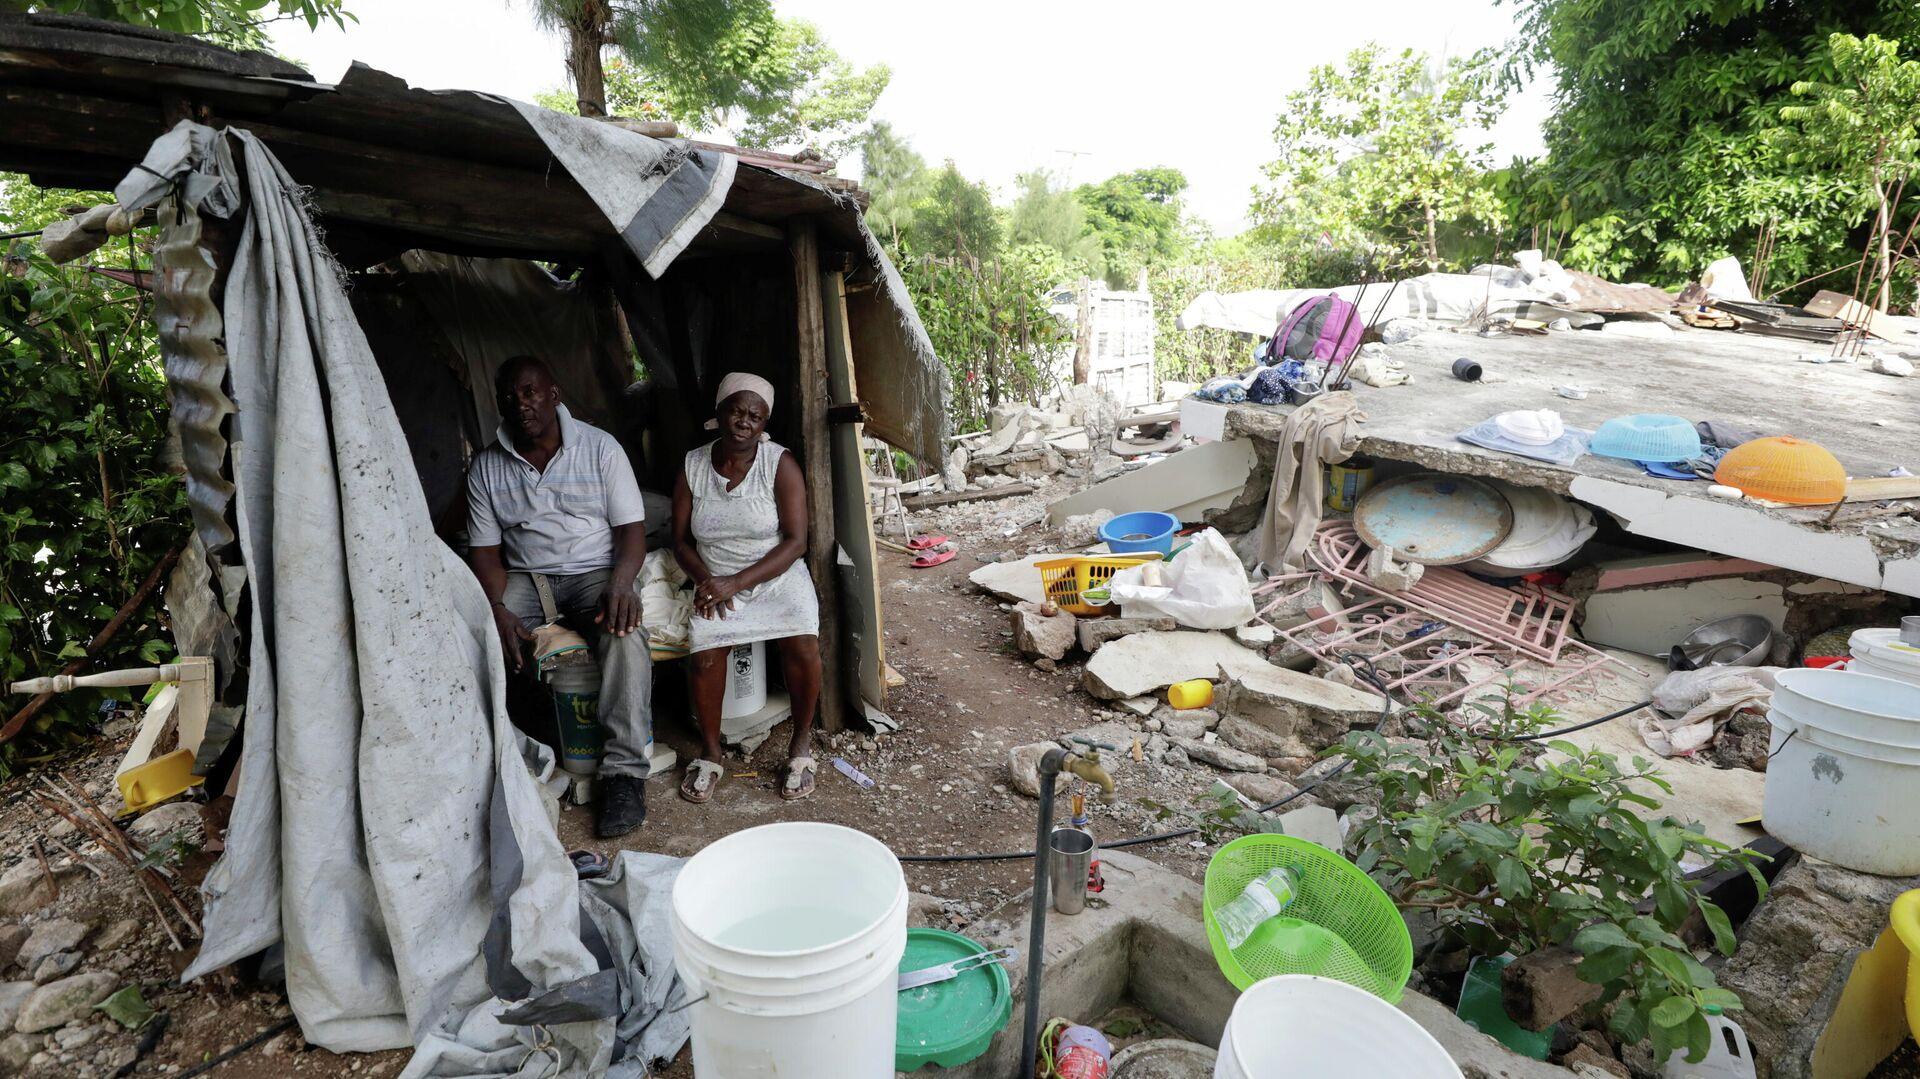 Consecuencias del terremoto en Haití - Sputnik Mundo, 1920, 06.09.2021